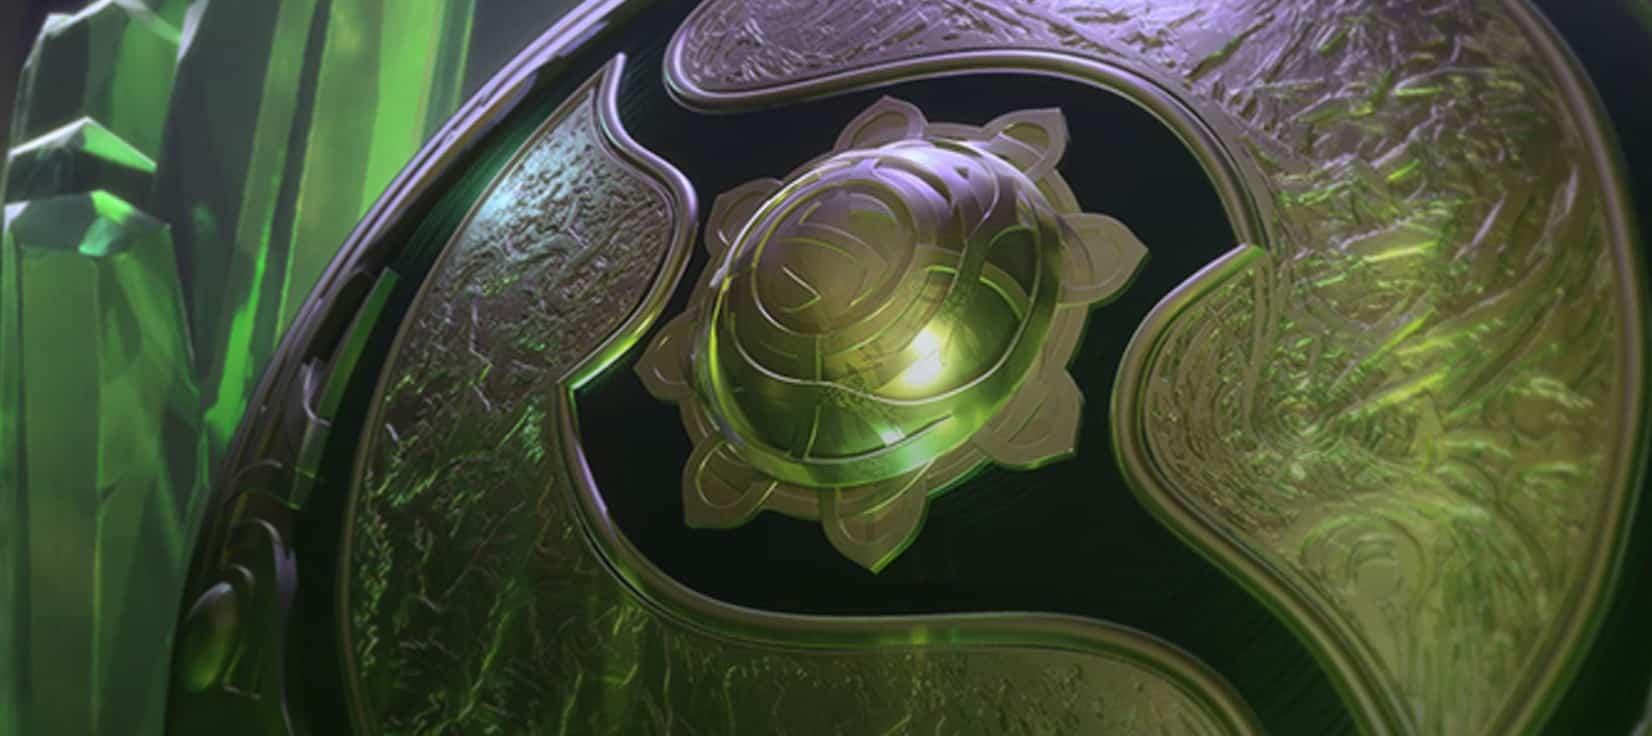 Aegis of Champions